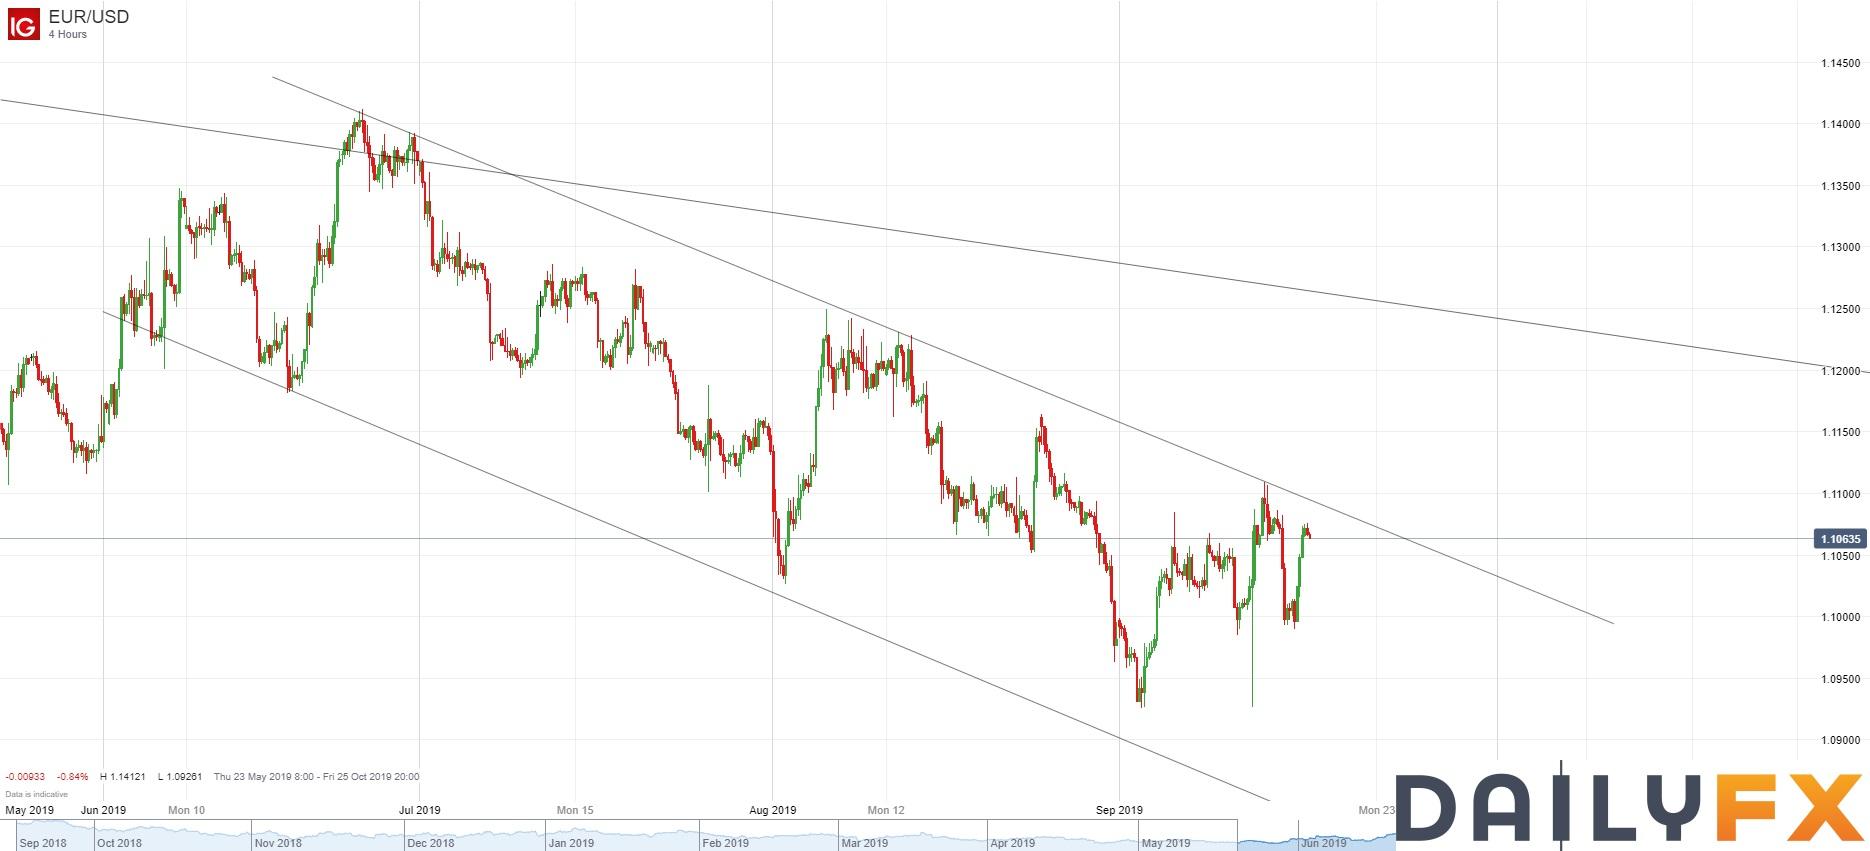 美元流动性隐忧或抬高市场预期,联储是否顺水推舟且看今晚